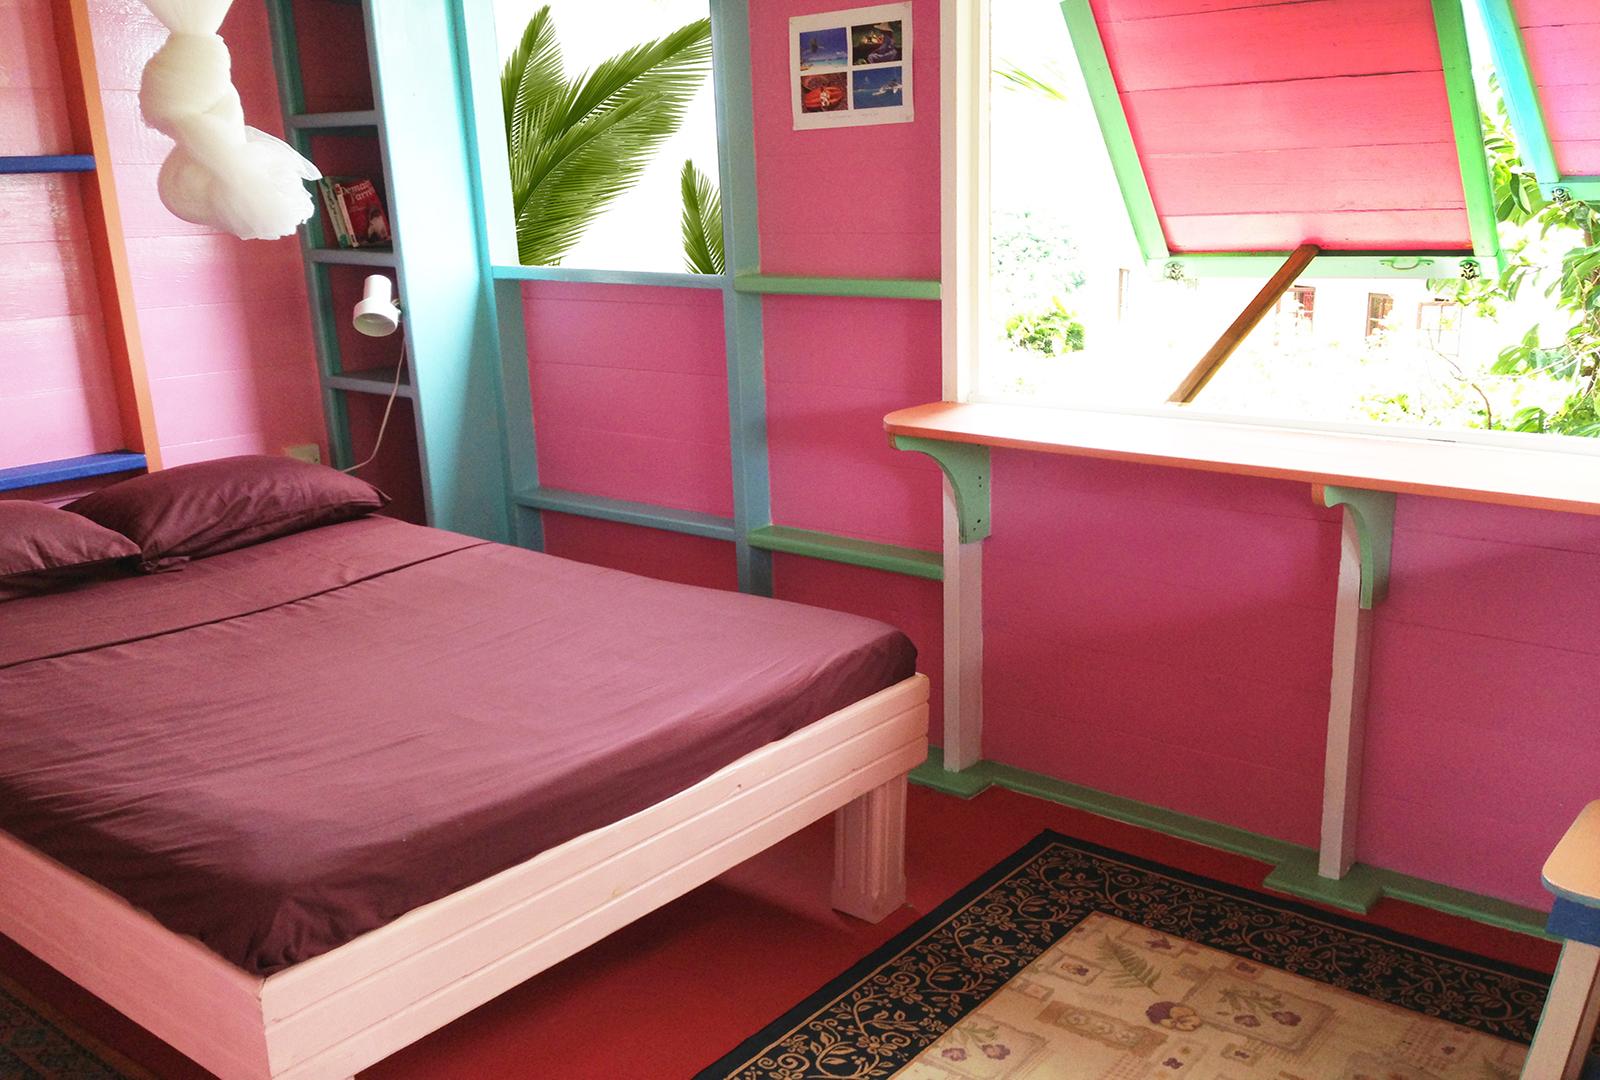 camera da letto (1)dopo proposta 2